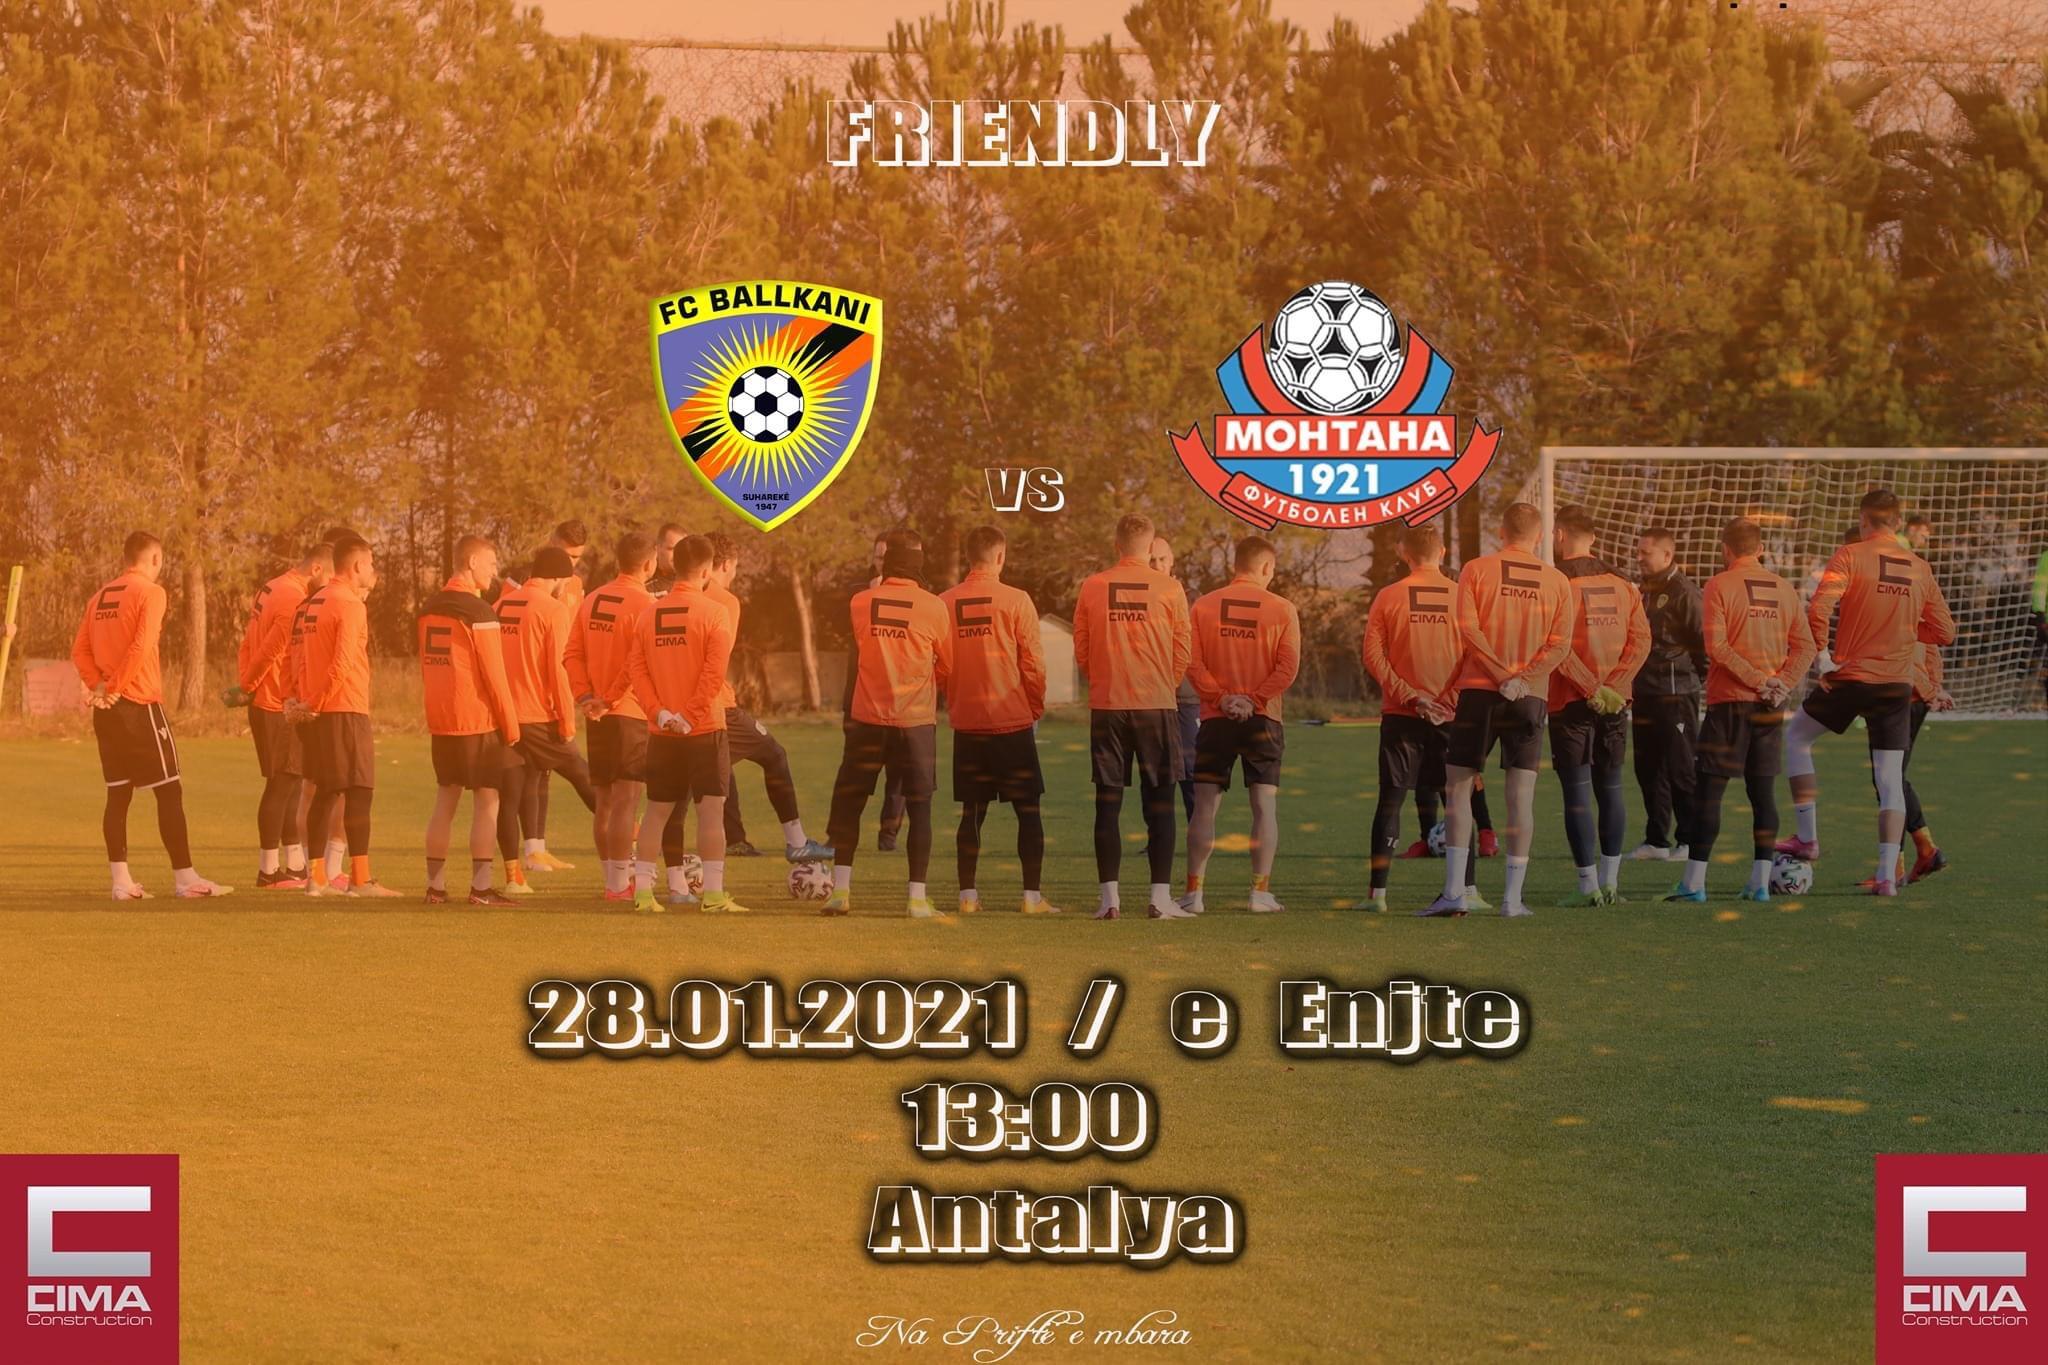 Ballkani sot zhvillon ndeshjen miqesore, transmetohet edhe në TV